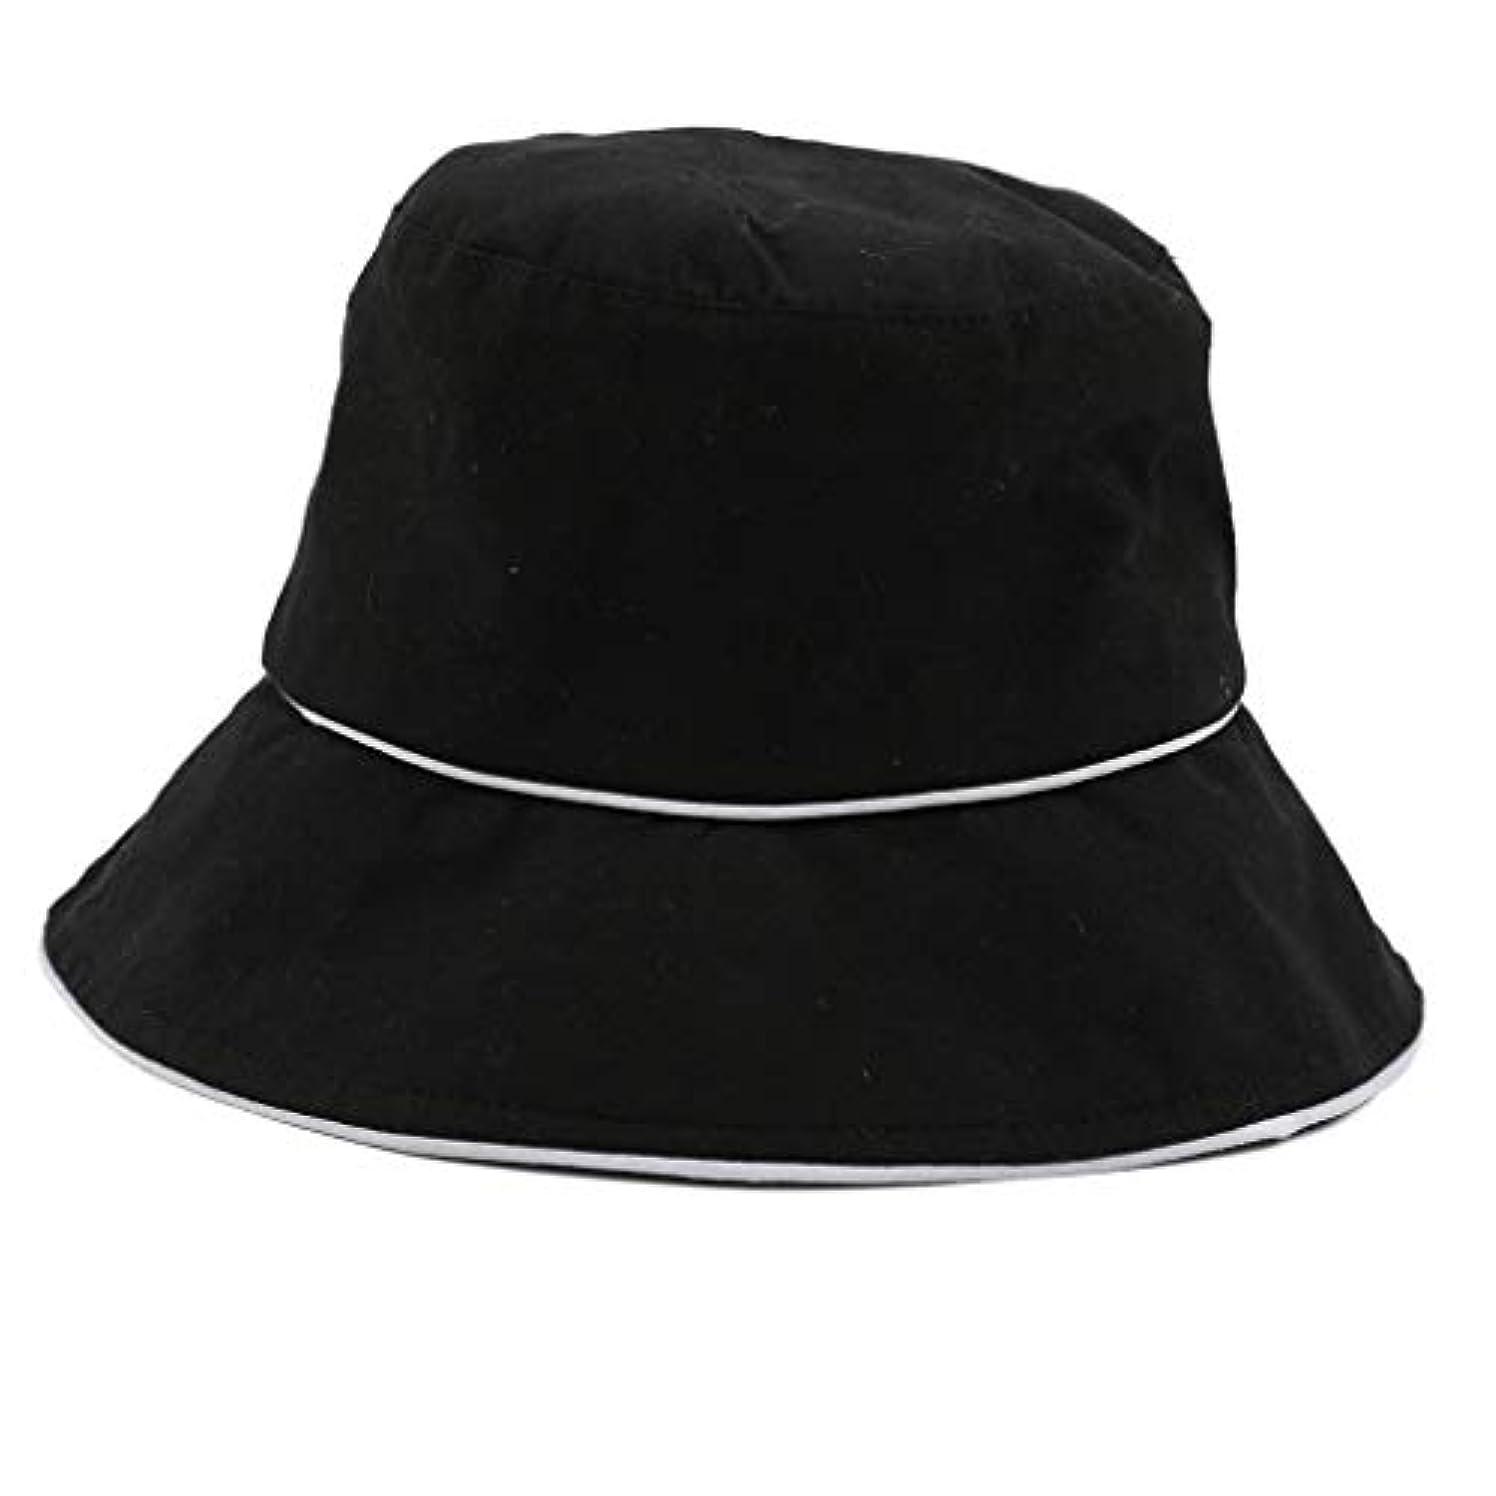 若い抽象化エピソードROSE ROMAN - 帽子 レディース uv 漁師の帽子 99%uvカット 小顔効果抜群 帽子 サイズ調整 テープ キャップ 黒 漁師帽 おしゃれ 可愛い ハット 折りたたみ 紫外線対策 ファッション ワイルド カジュアル...